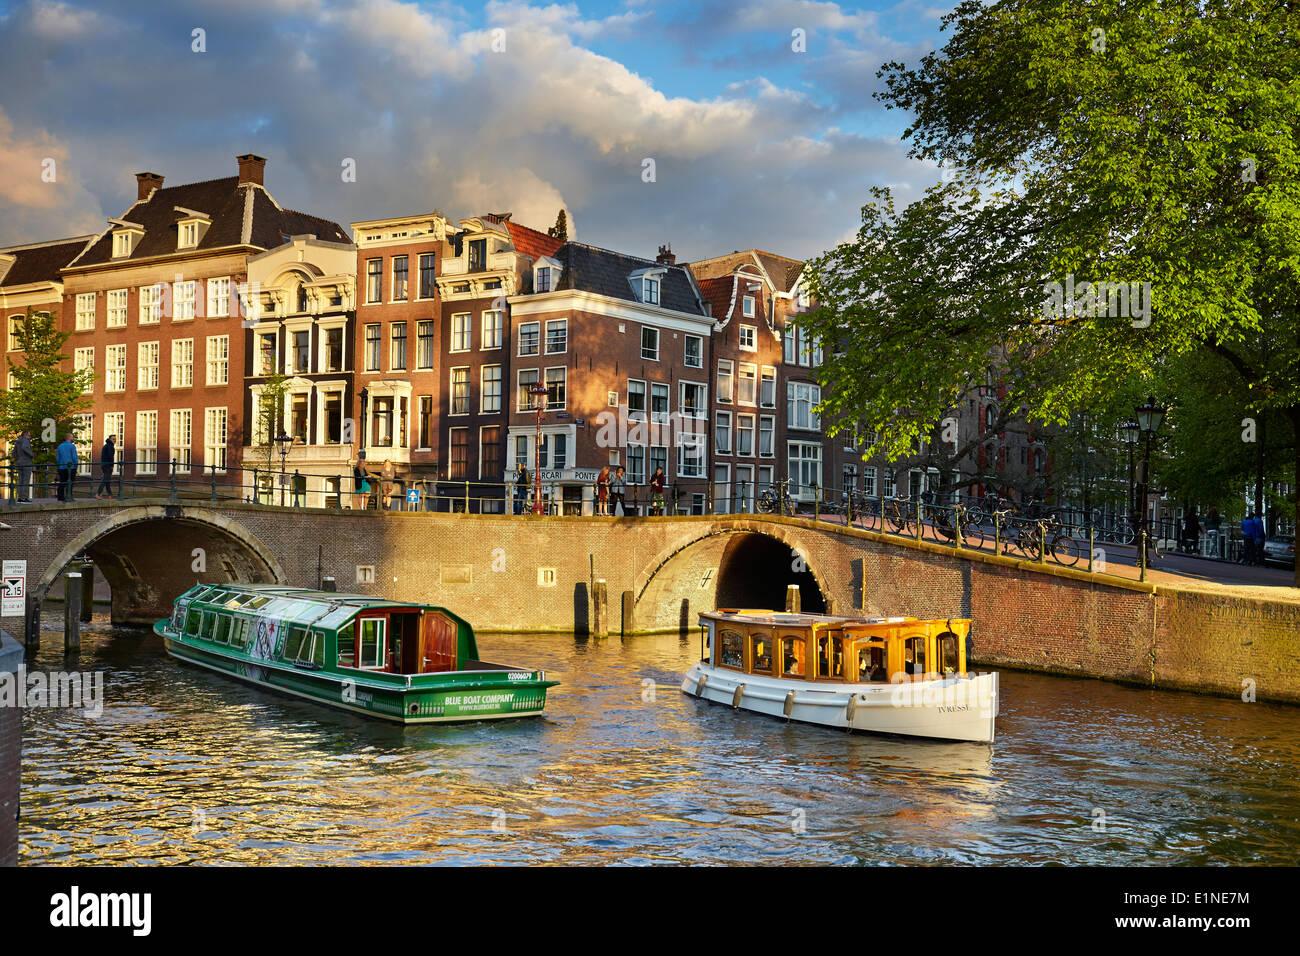 Barco turístico en canal de Amsterdam - Holanda Holanda Imagen De Stock